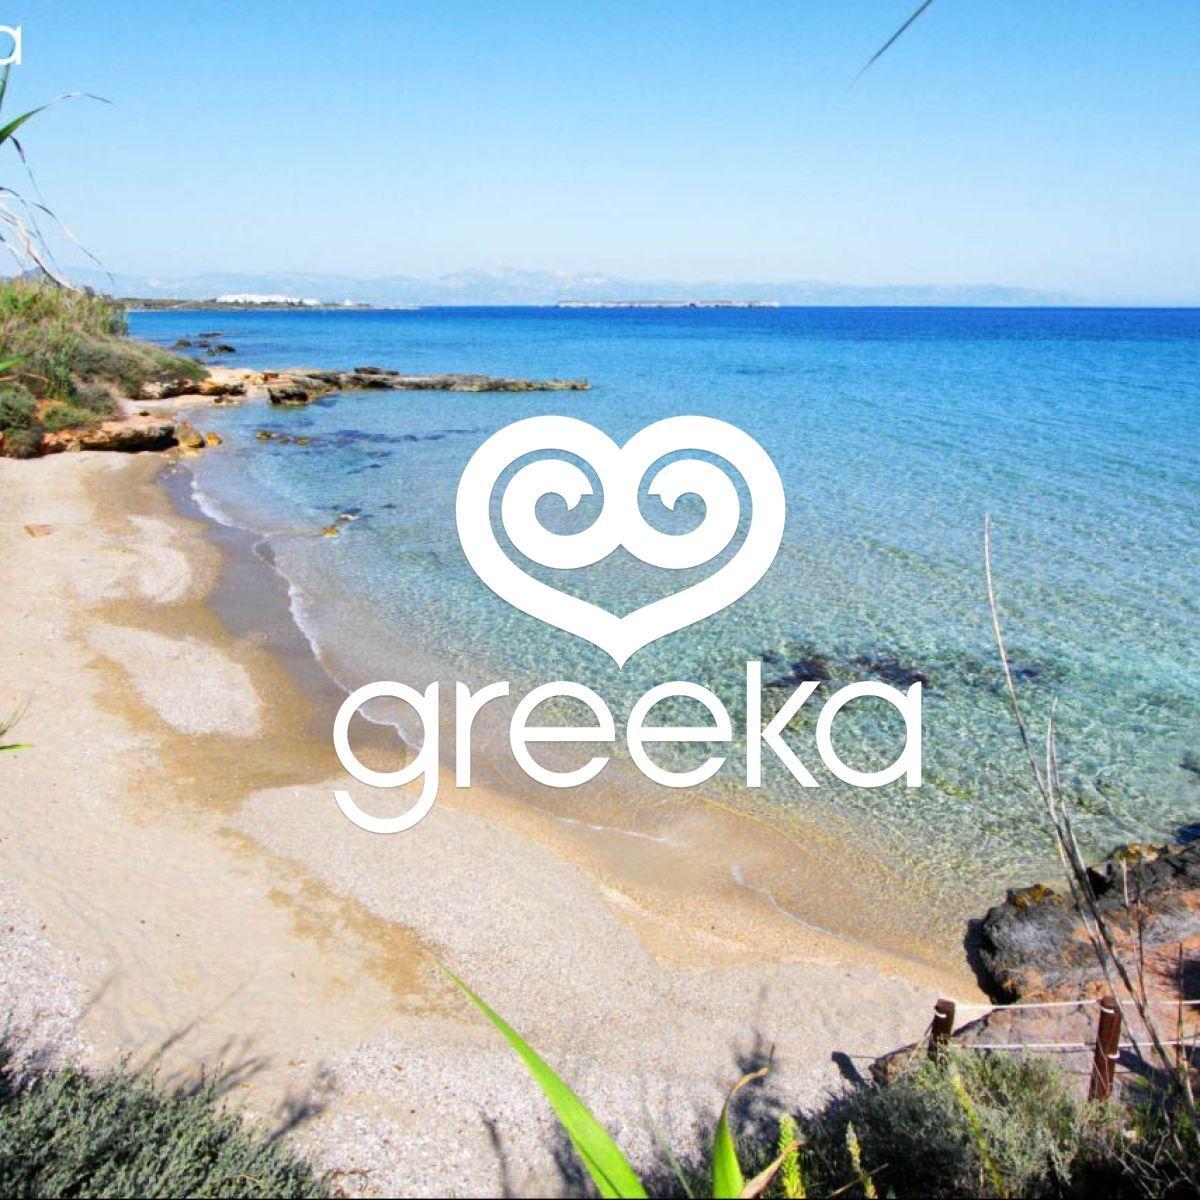 Paros Beaches: Paros Boudari Beach - Paros Beaches